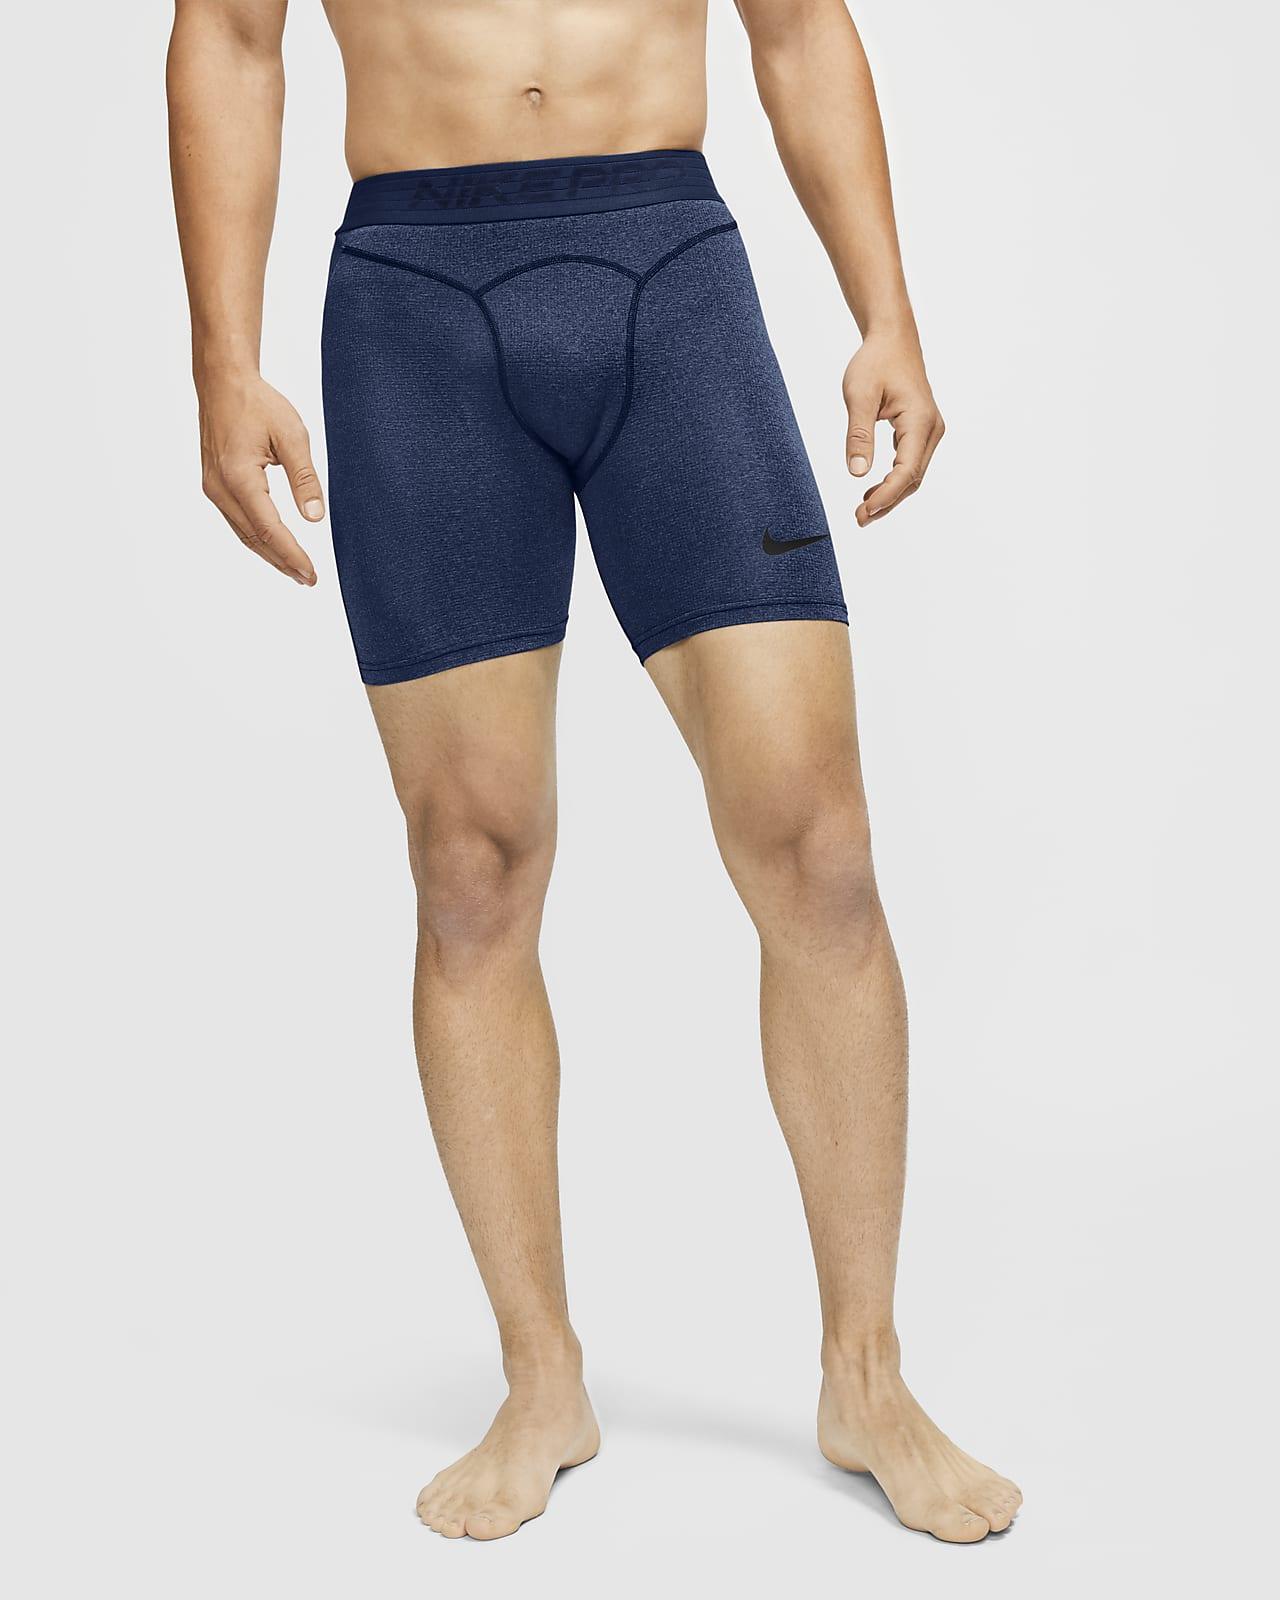 Shorts Nike Pro Breathe för män